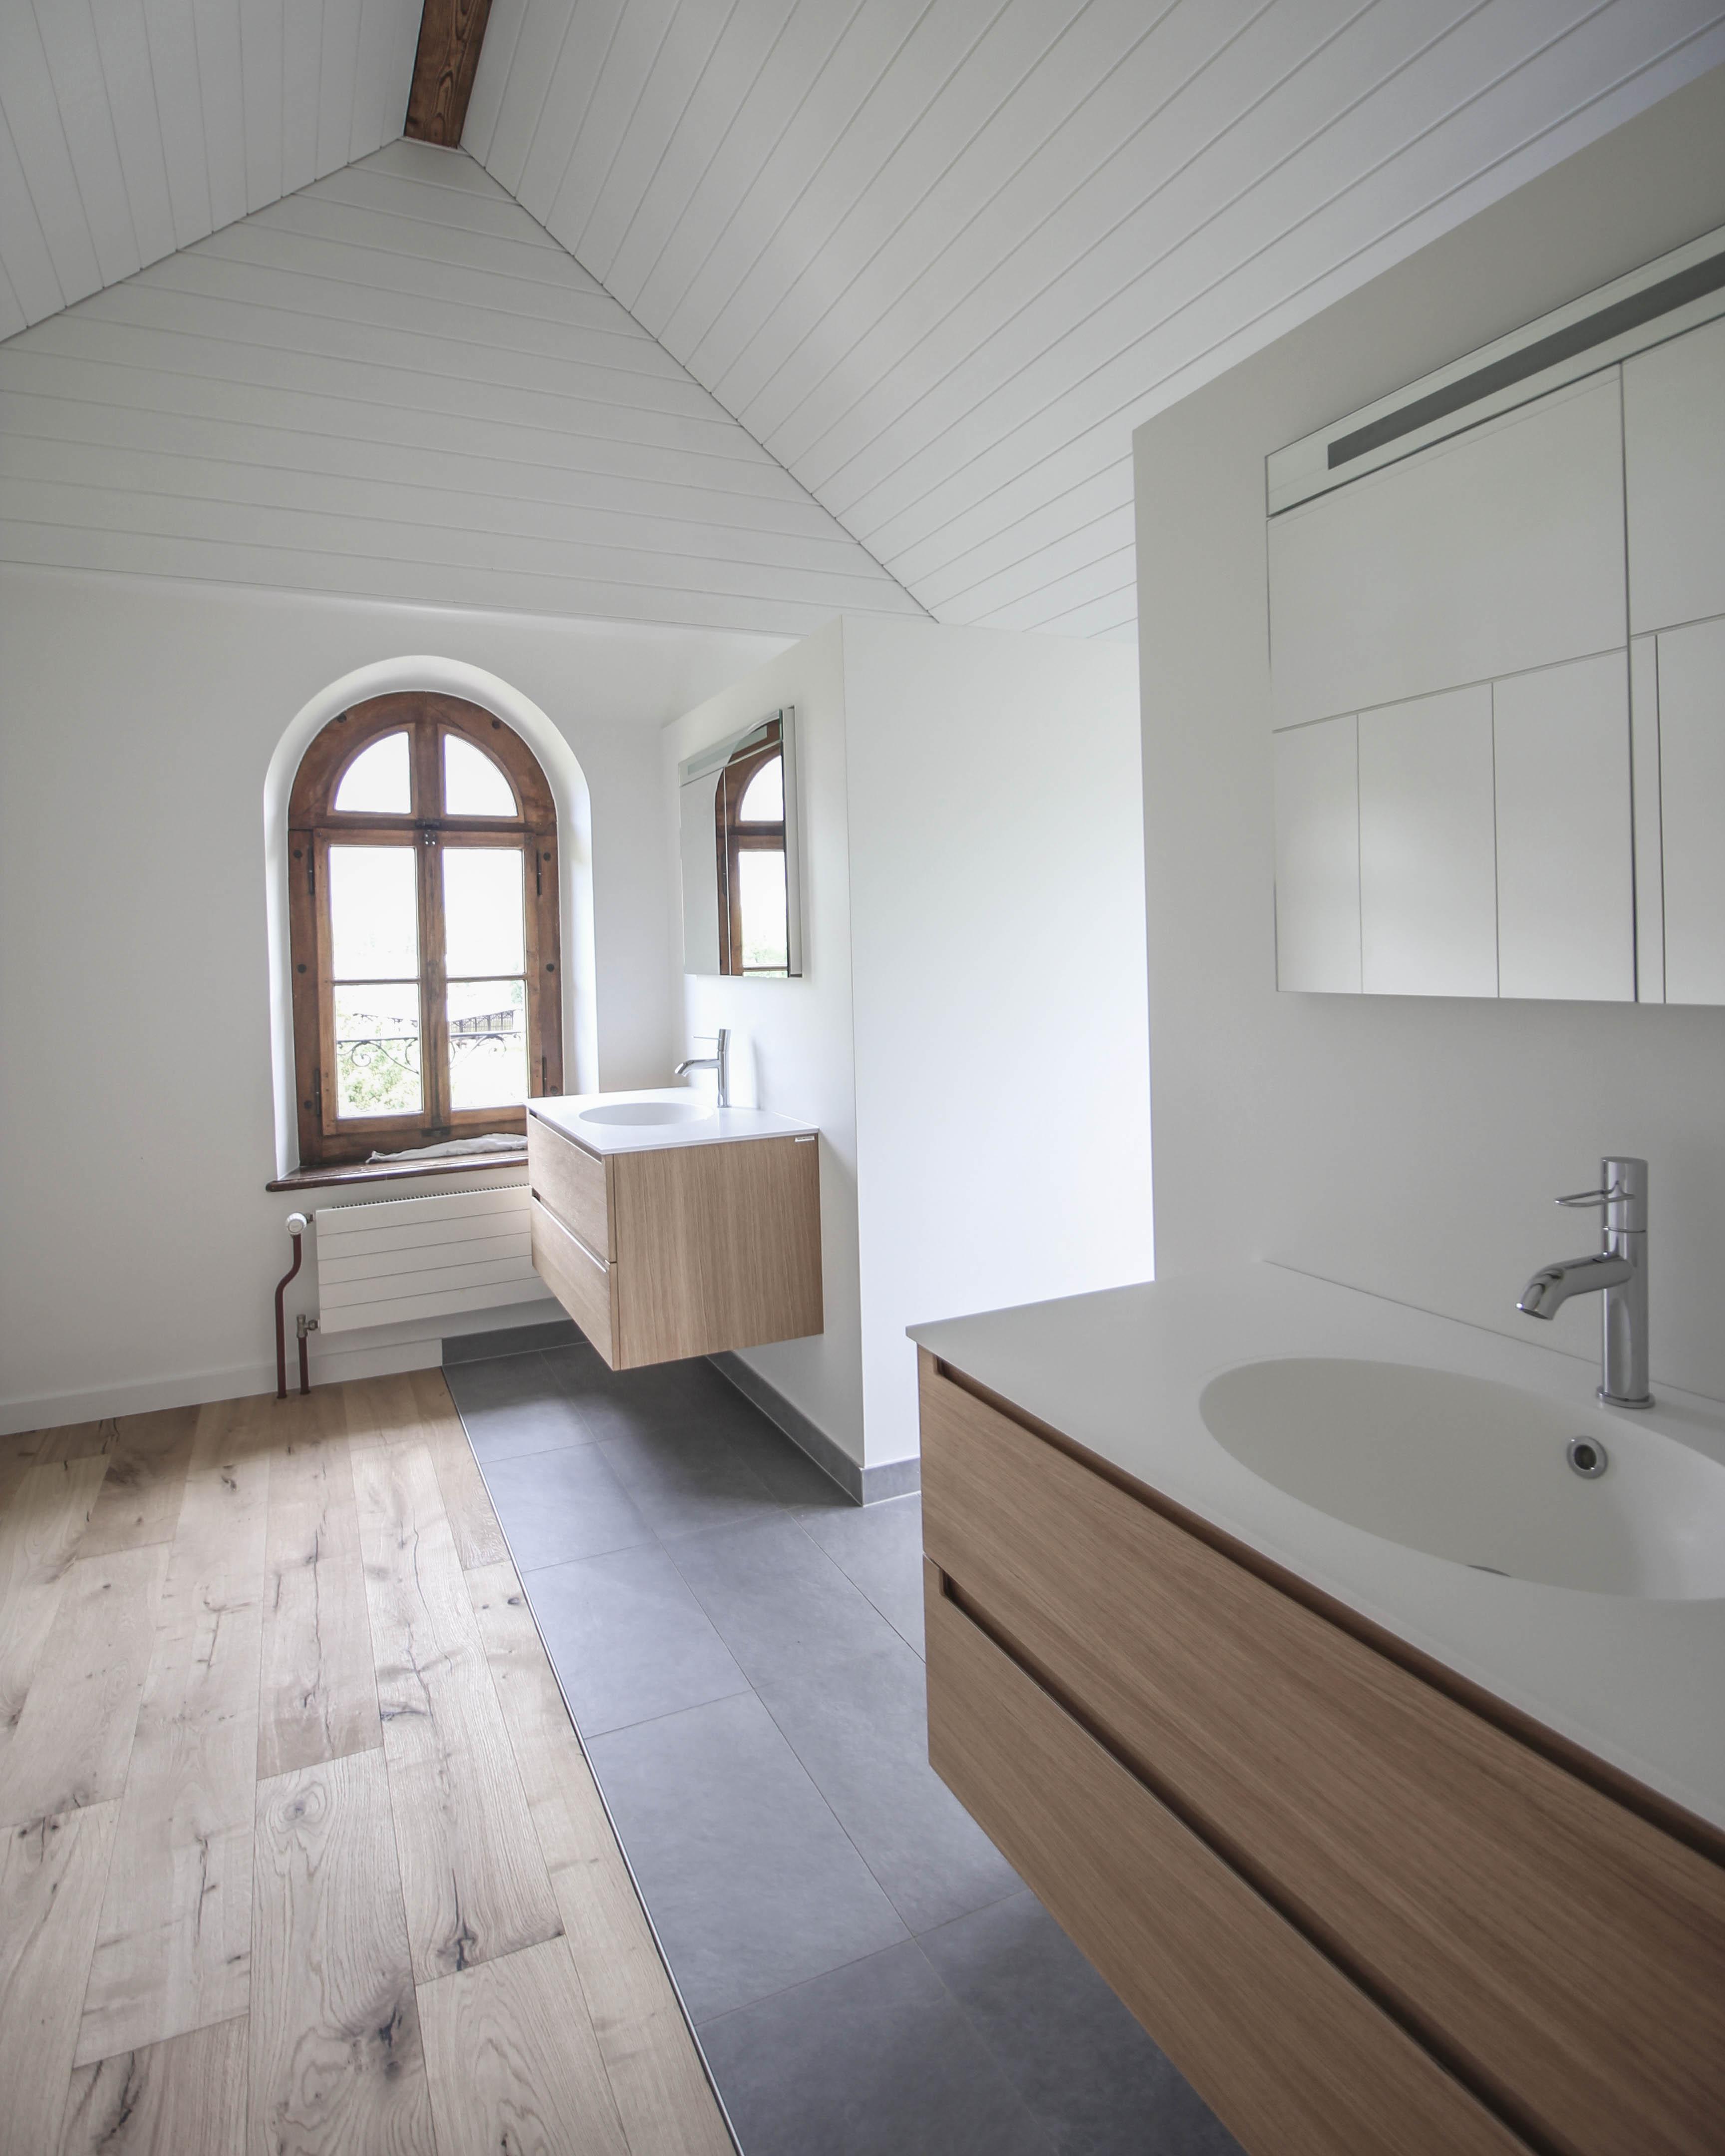 Villet CSDK 7 WP - House transformation - Villette - Villet CSDK 7 WP